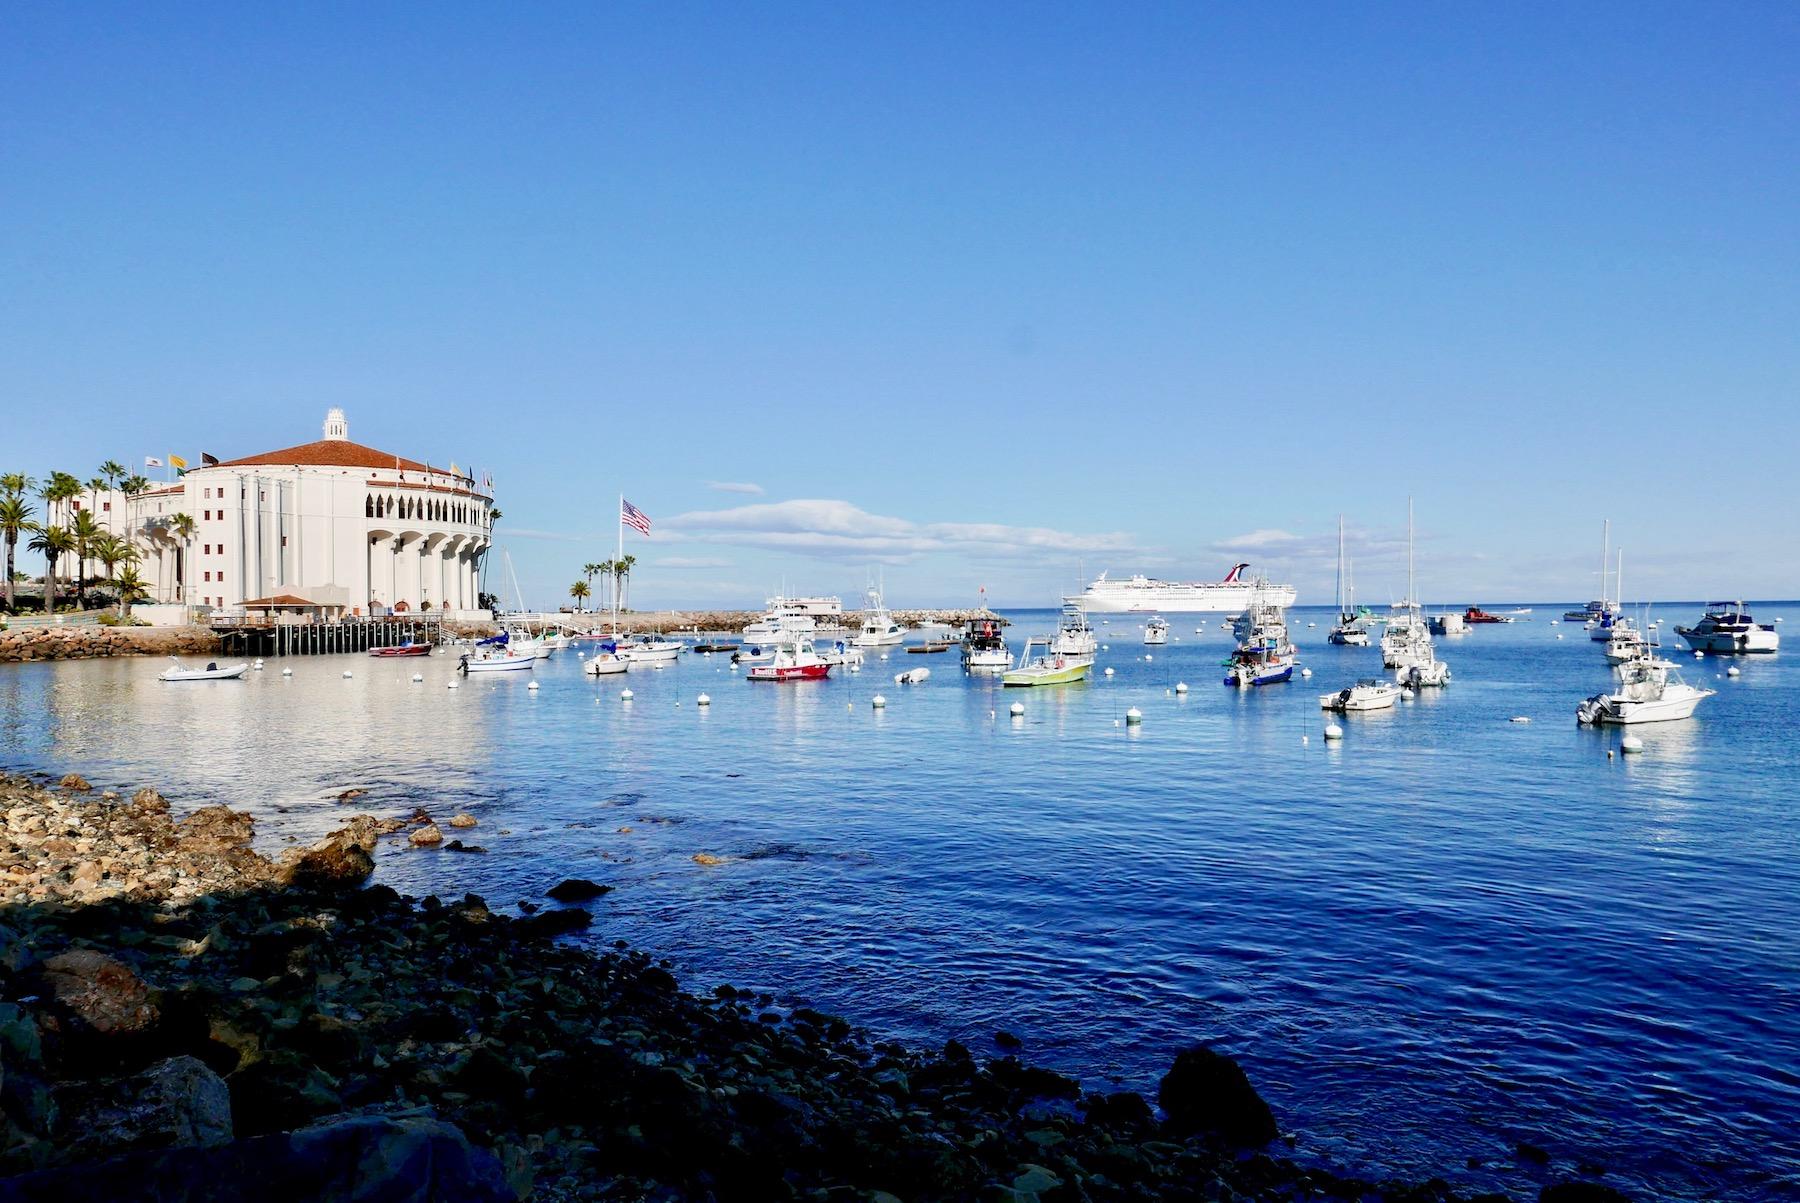 catalina island company opens boat moorings today long beach post news catalina island company opens boat